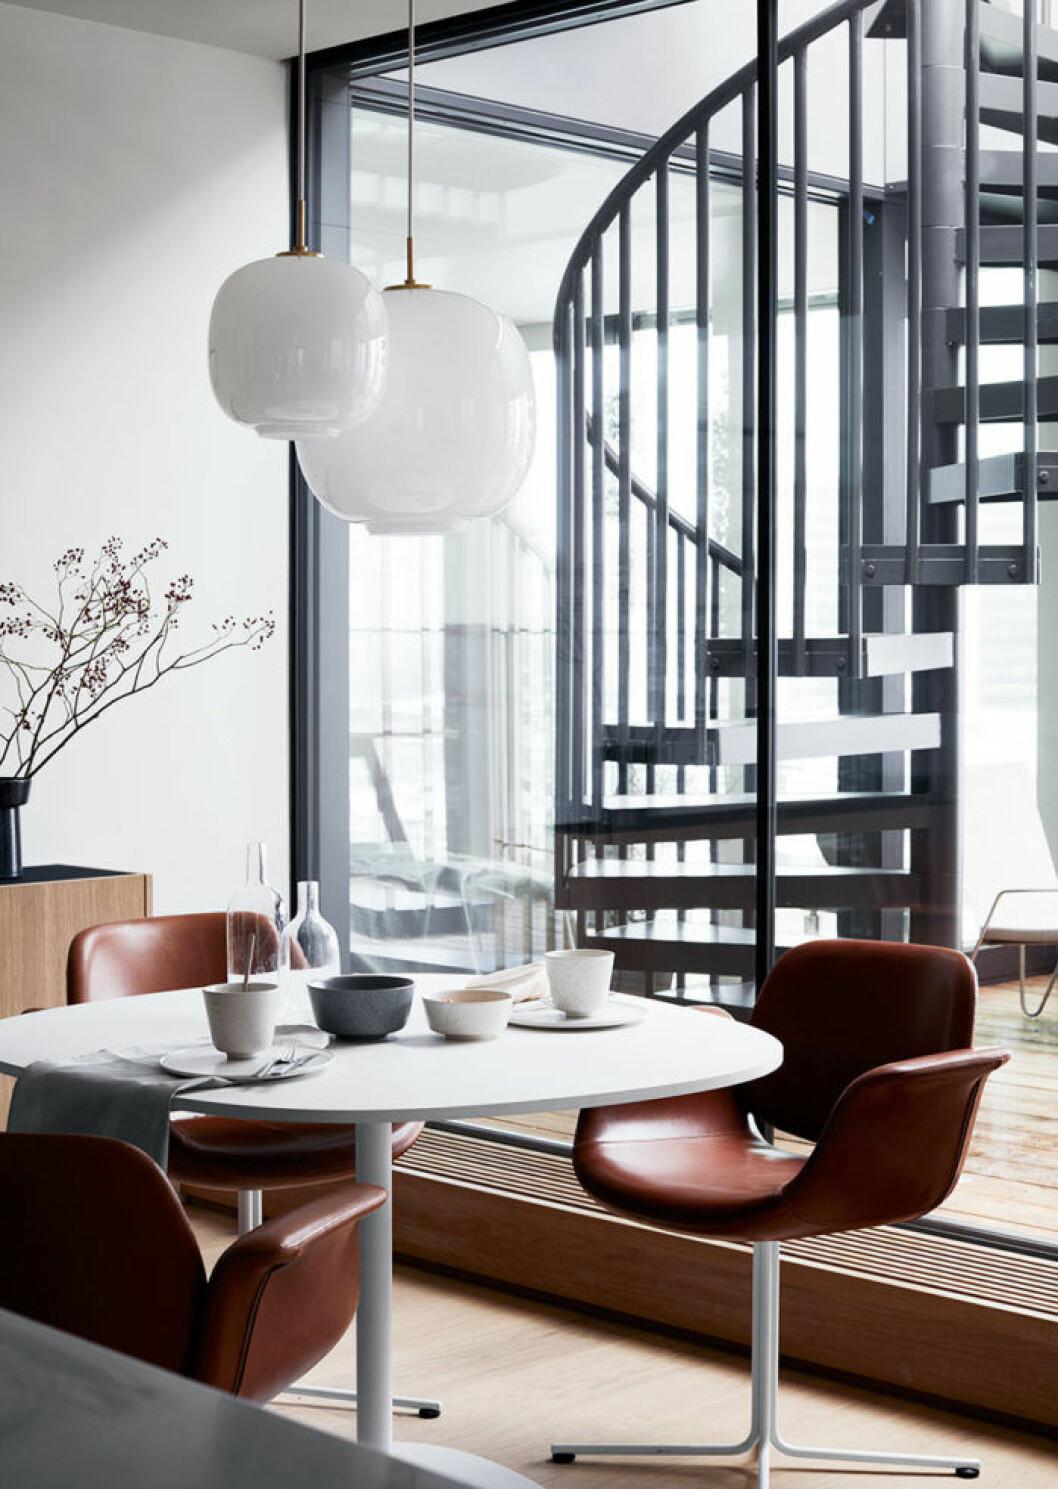 Bekväm matplats med bord och stolar från Erik Jørgensen. Keramiken Ombria kommer från Kähler, bestick från Kay Bojesen och bordslinne från Georg Jensen Damask. I bakgrunden skymtar  den skulpturala spiraltrappan som leder upp till takterrassen.